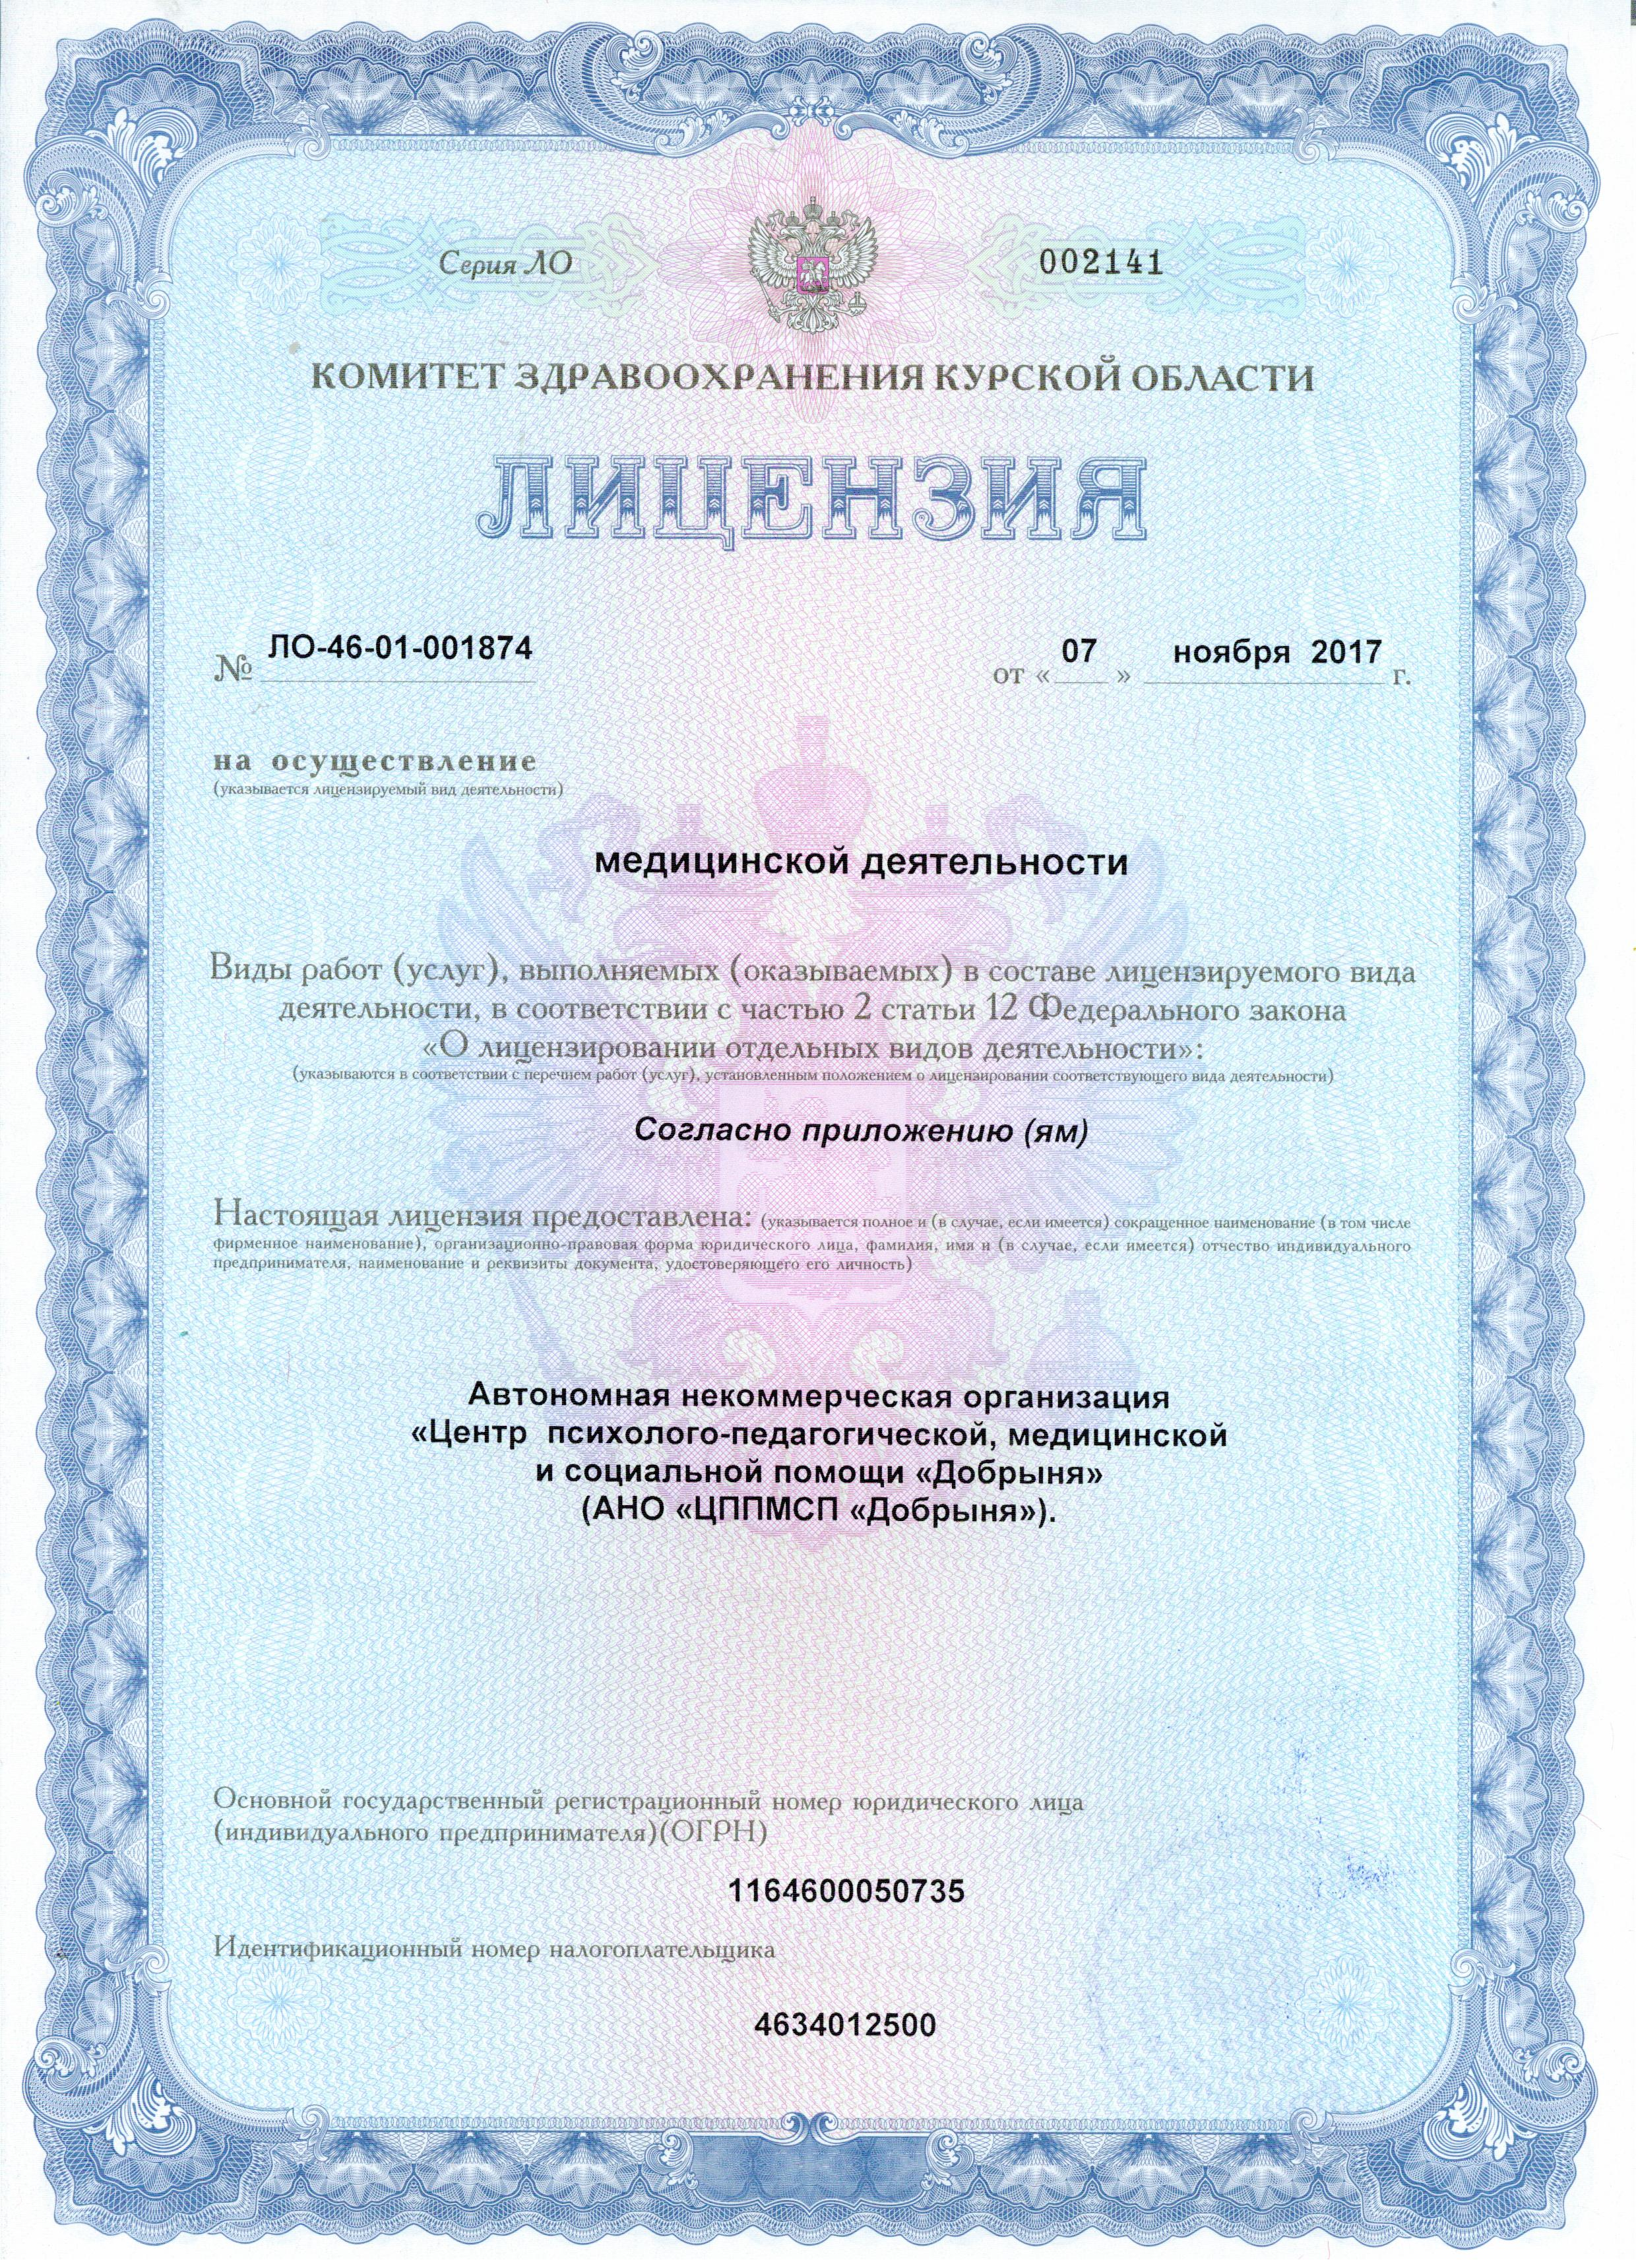 медицинская лицензия стоматология